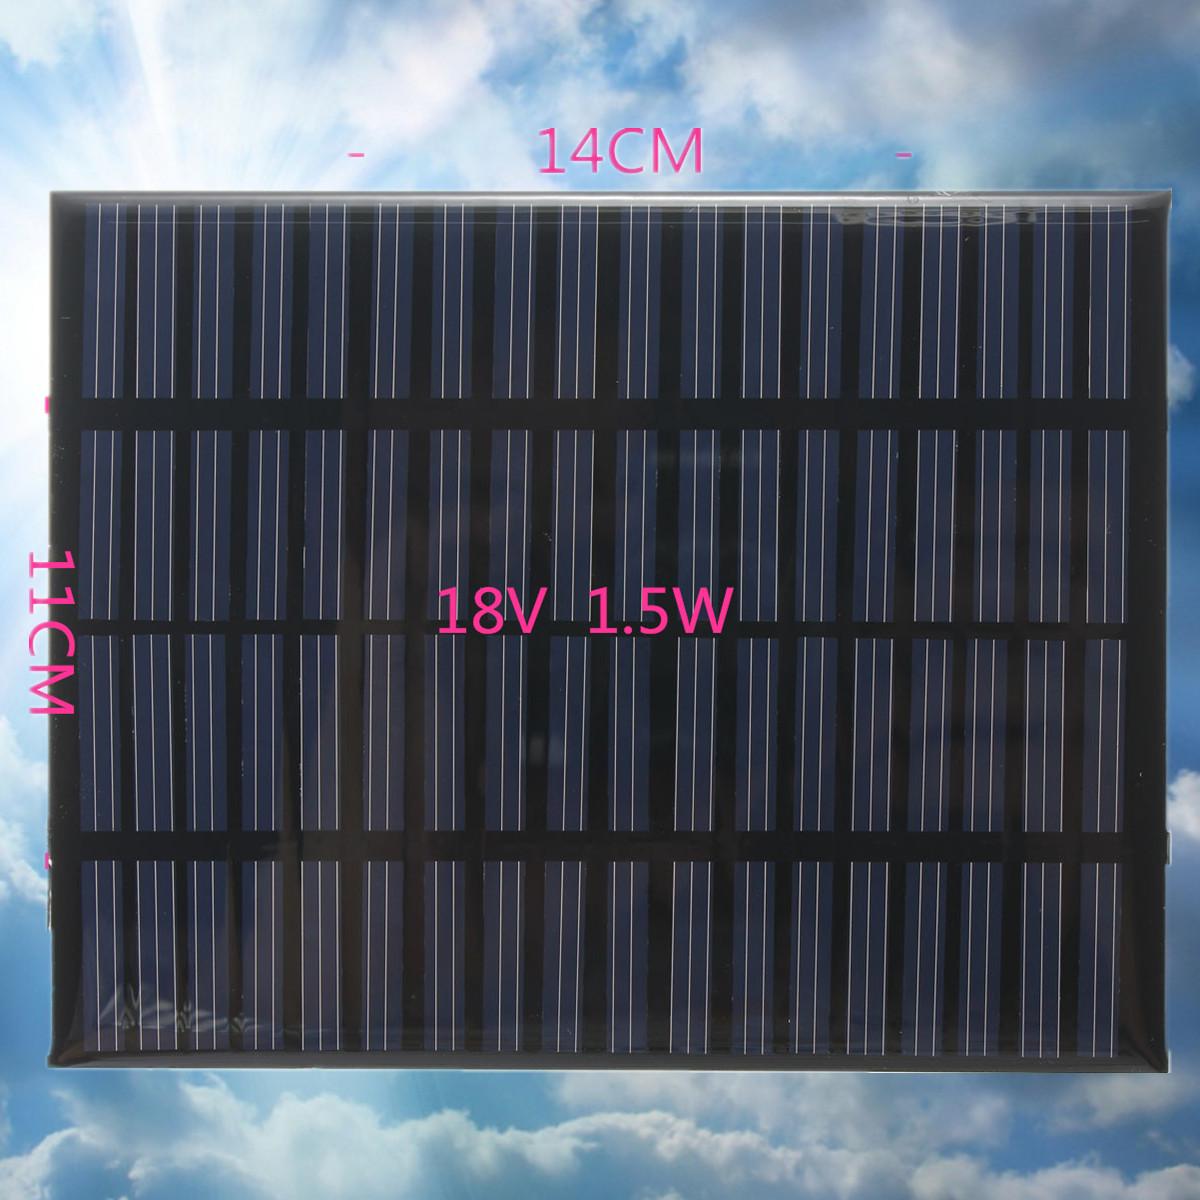 Pannelli solari fotovoltaici monocristallino o policristallino 52